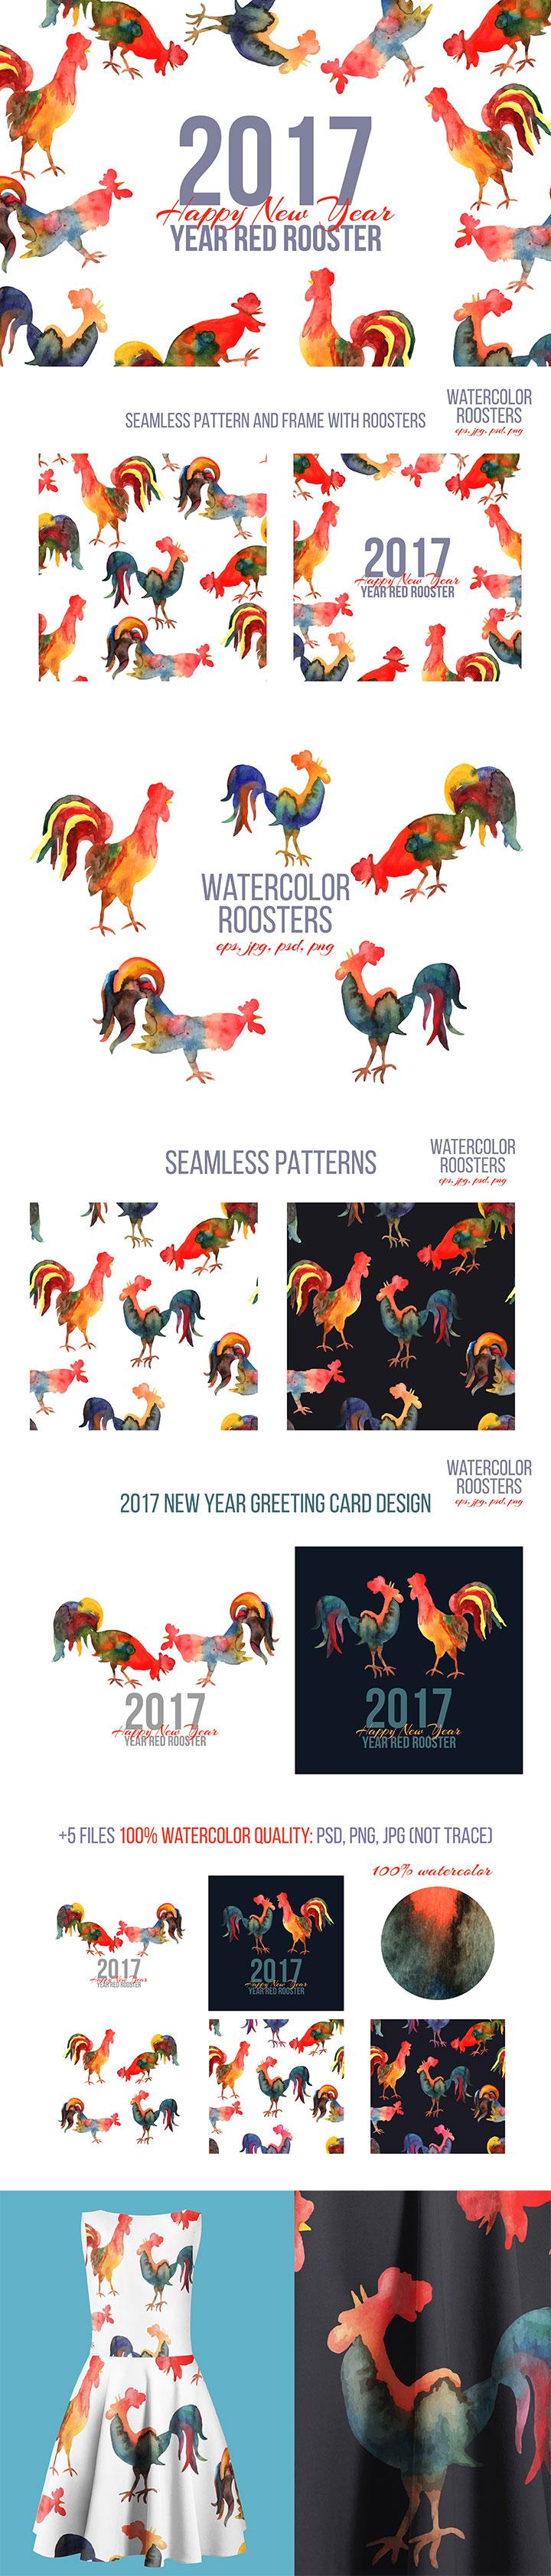 高档次的2017鸡年必备的鸡水彩元素打包下载[PSD,EPS]